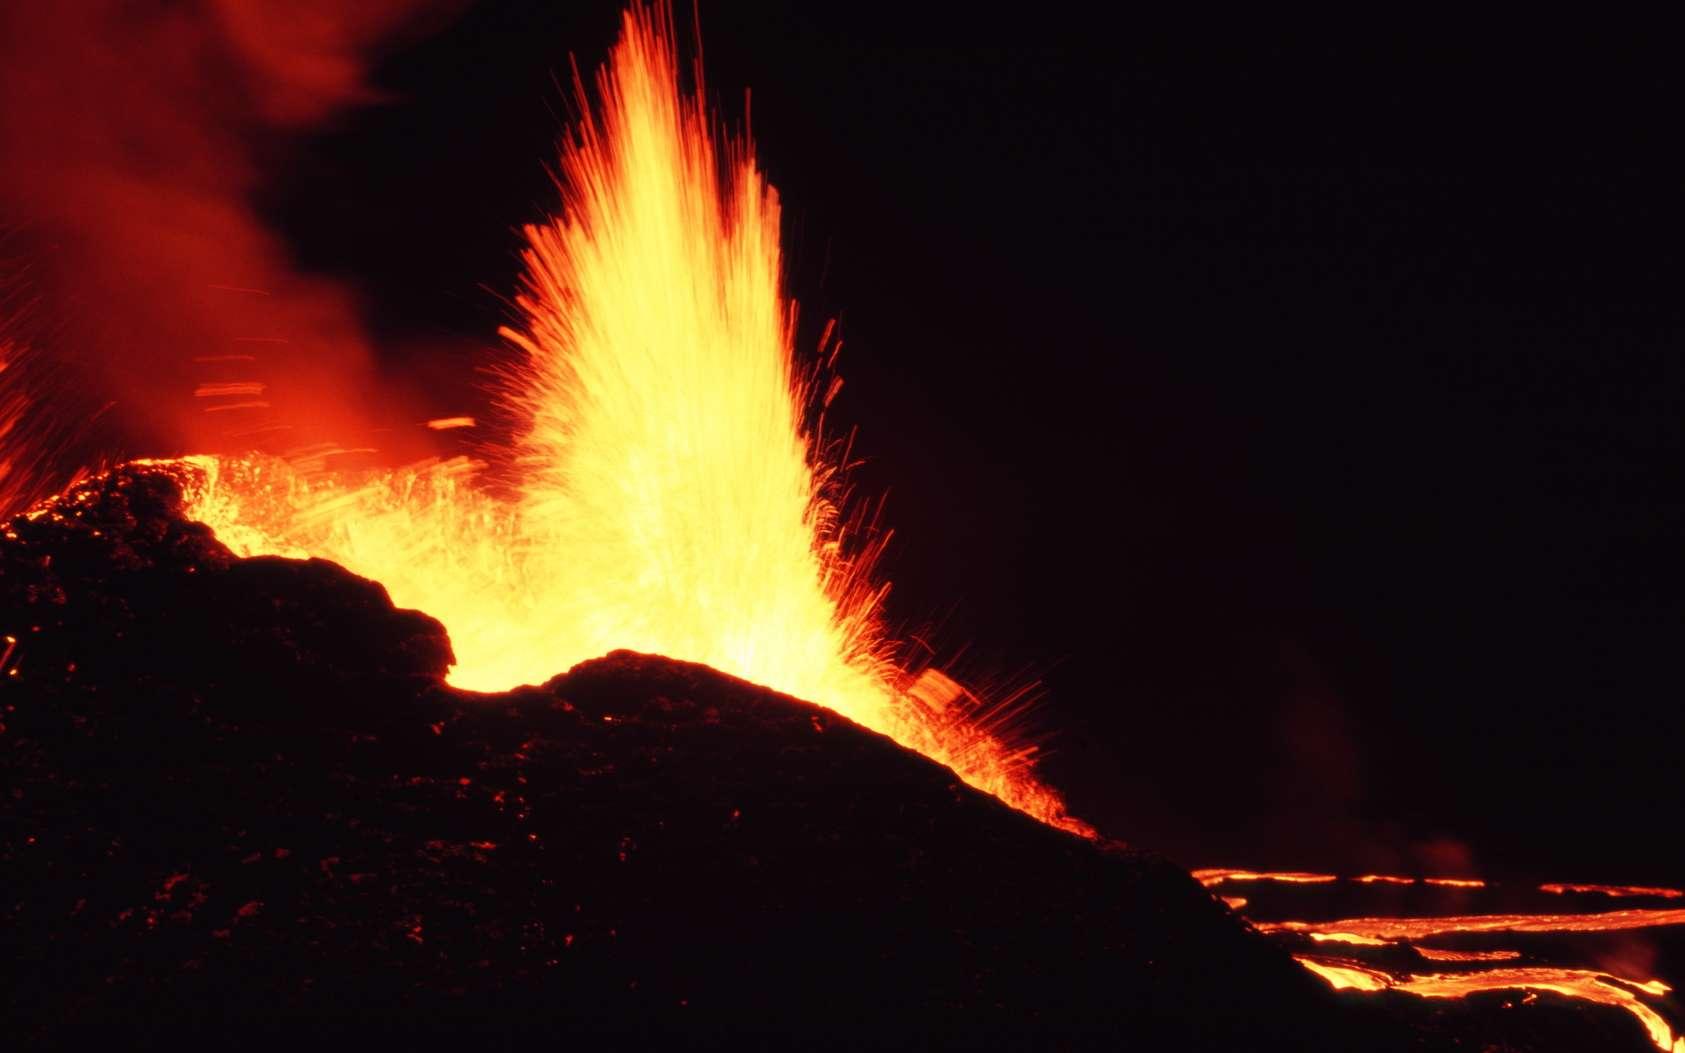 Volcanisme : qu'est-ce qu'un point chaud ? © Prod. Numérik, fotolia